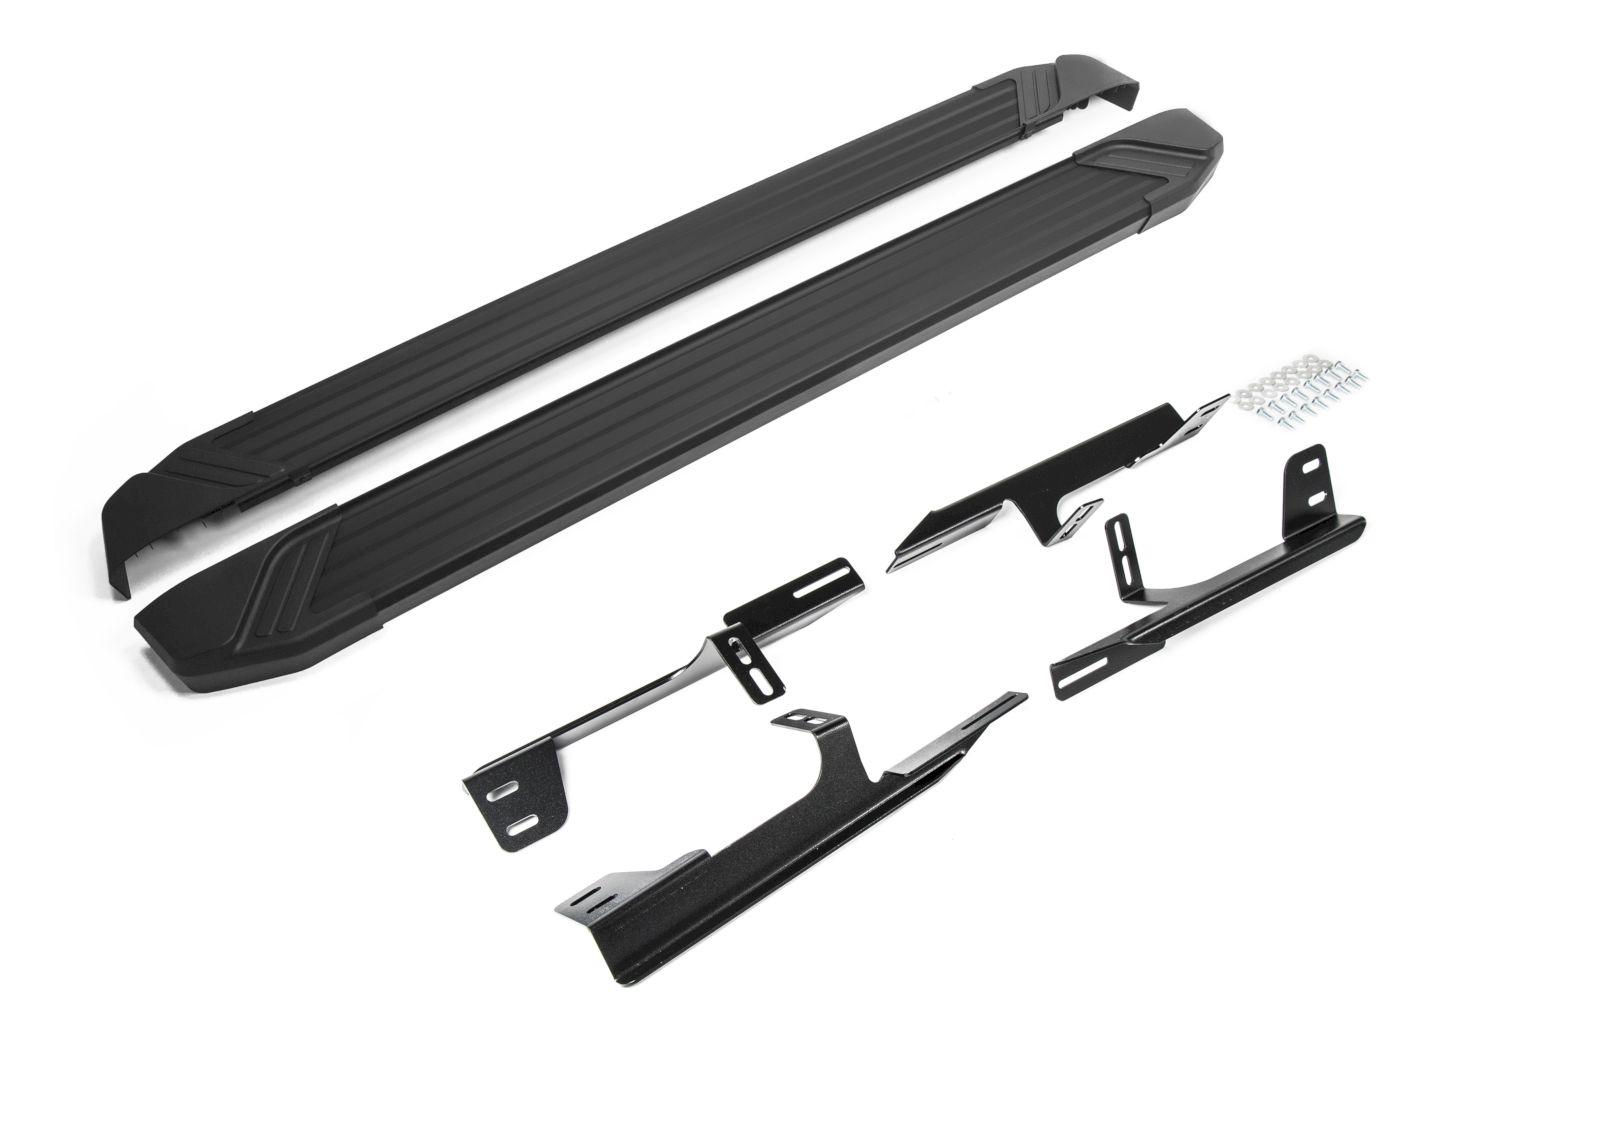 Basic Black Bočné nášľapy TUV Honda CR-V 2012-2016